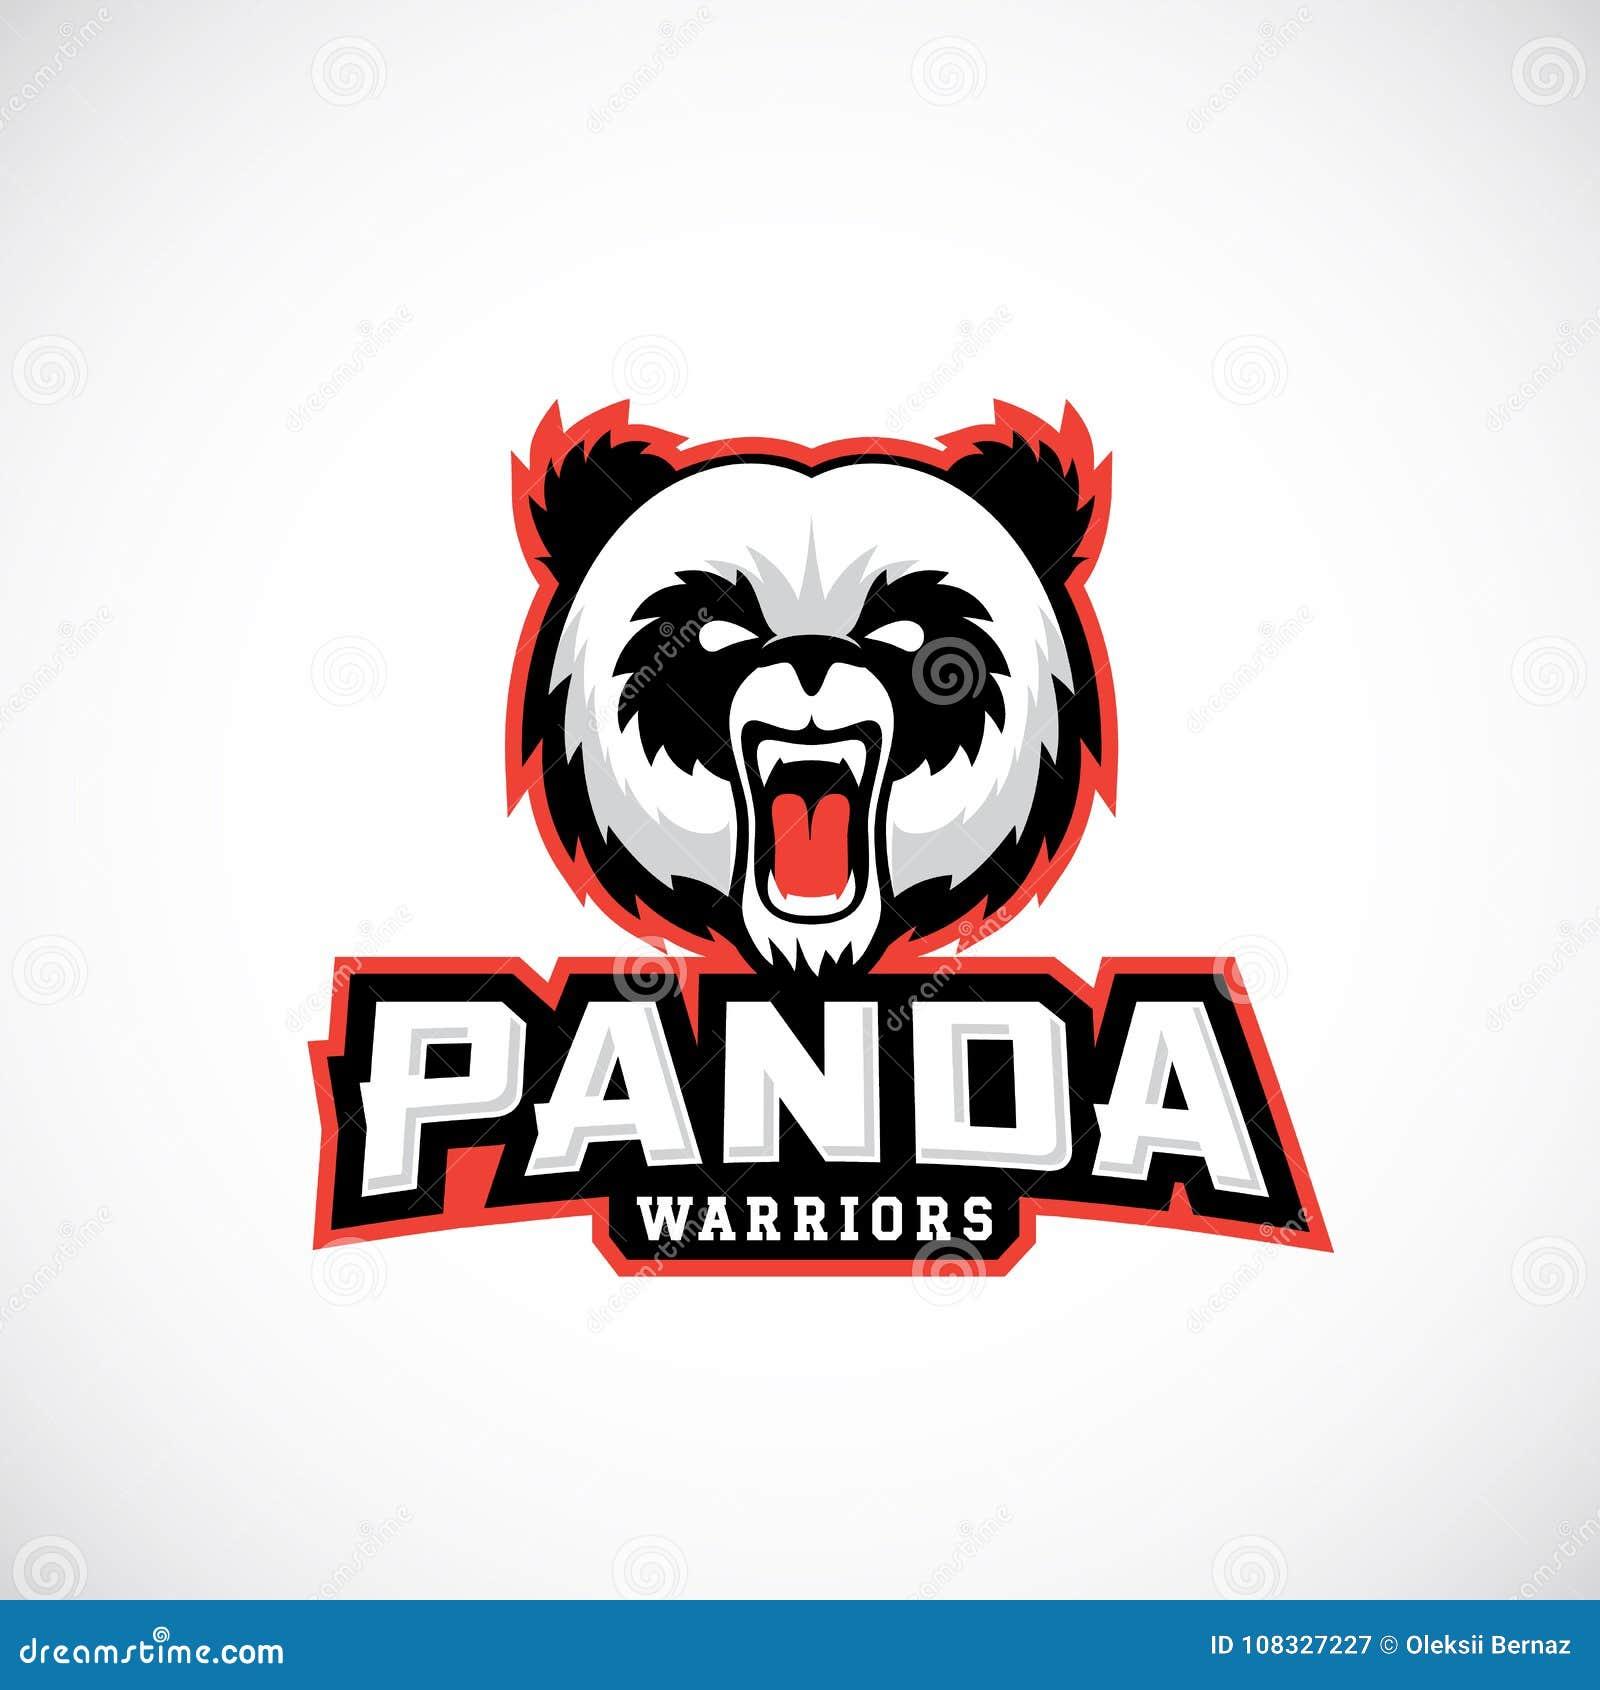 Panda Warriors Abstract Vector Sign, emblema o Logo Template Deporte Team Mascot Label Cara enojada del oso con tipografía